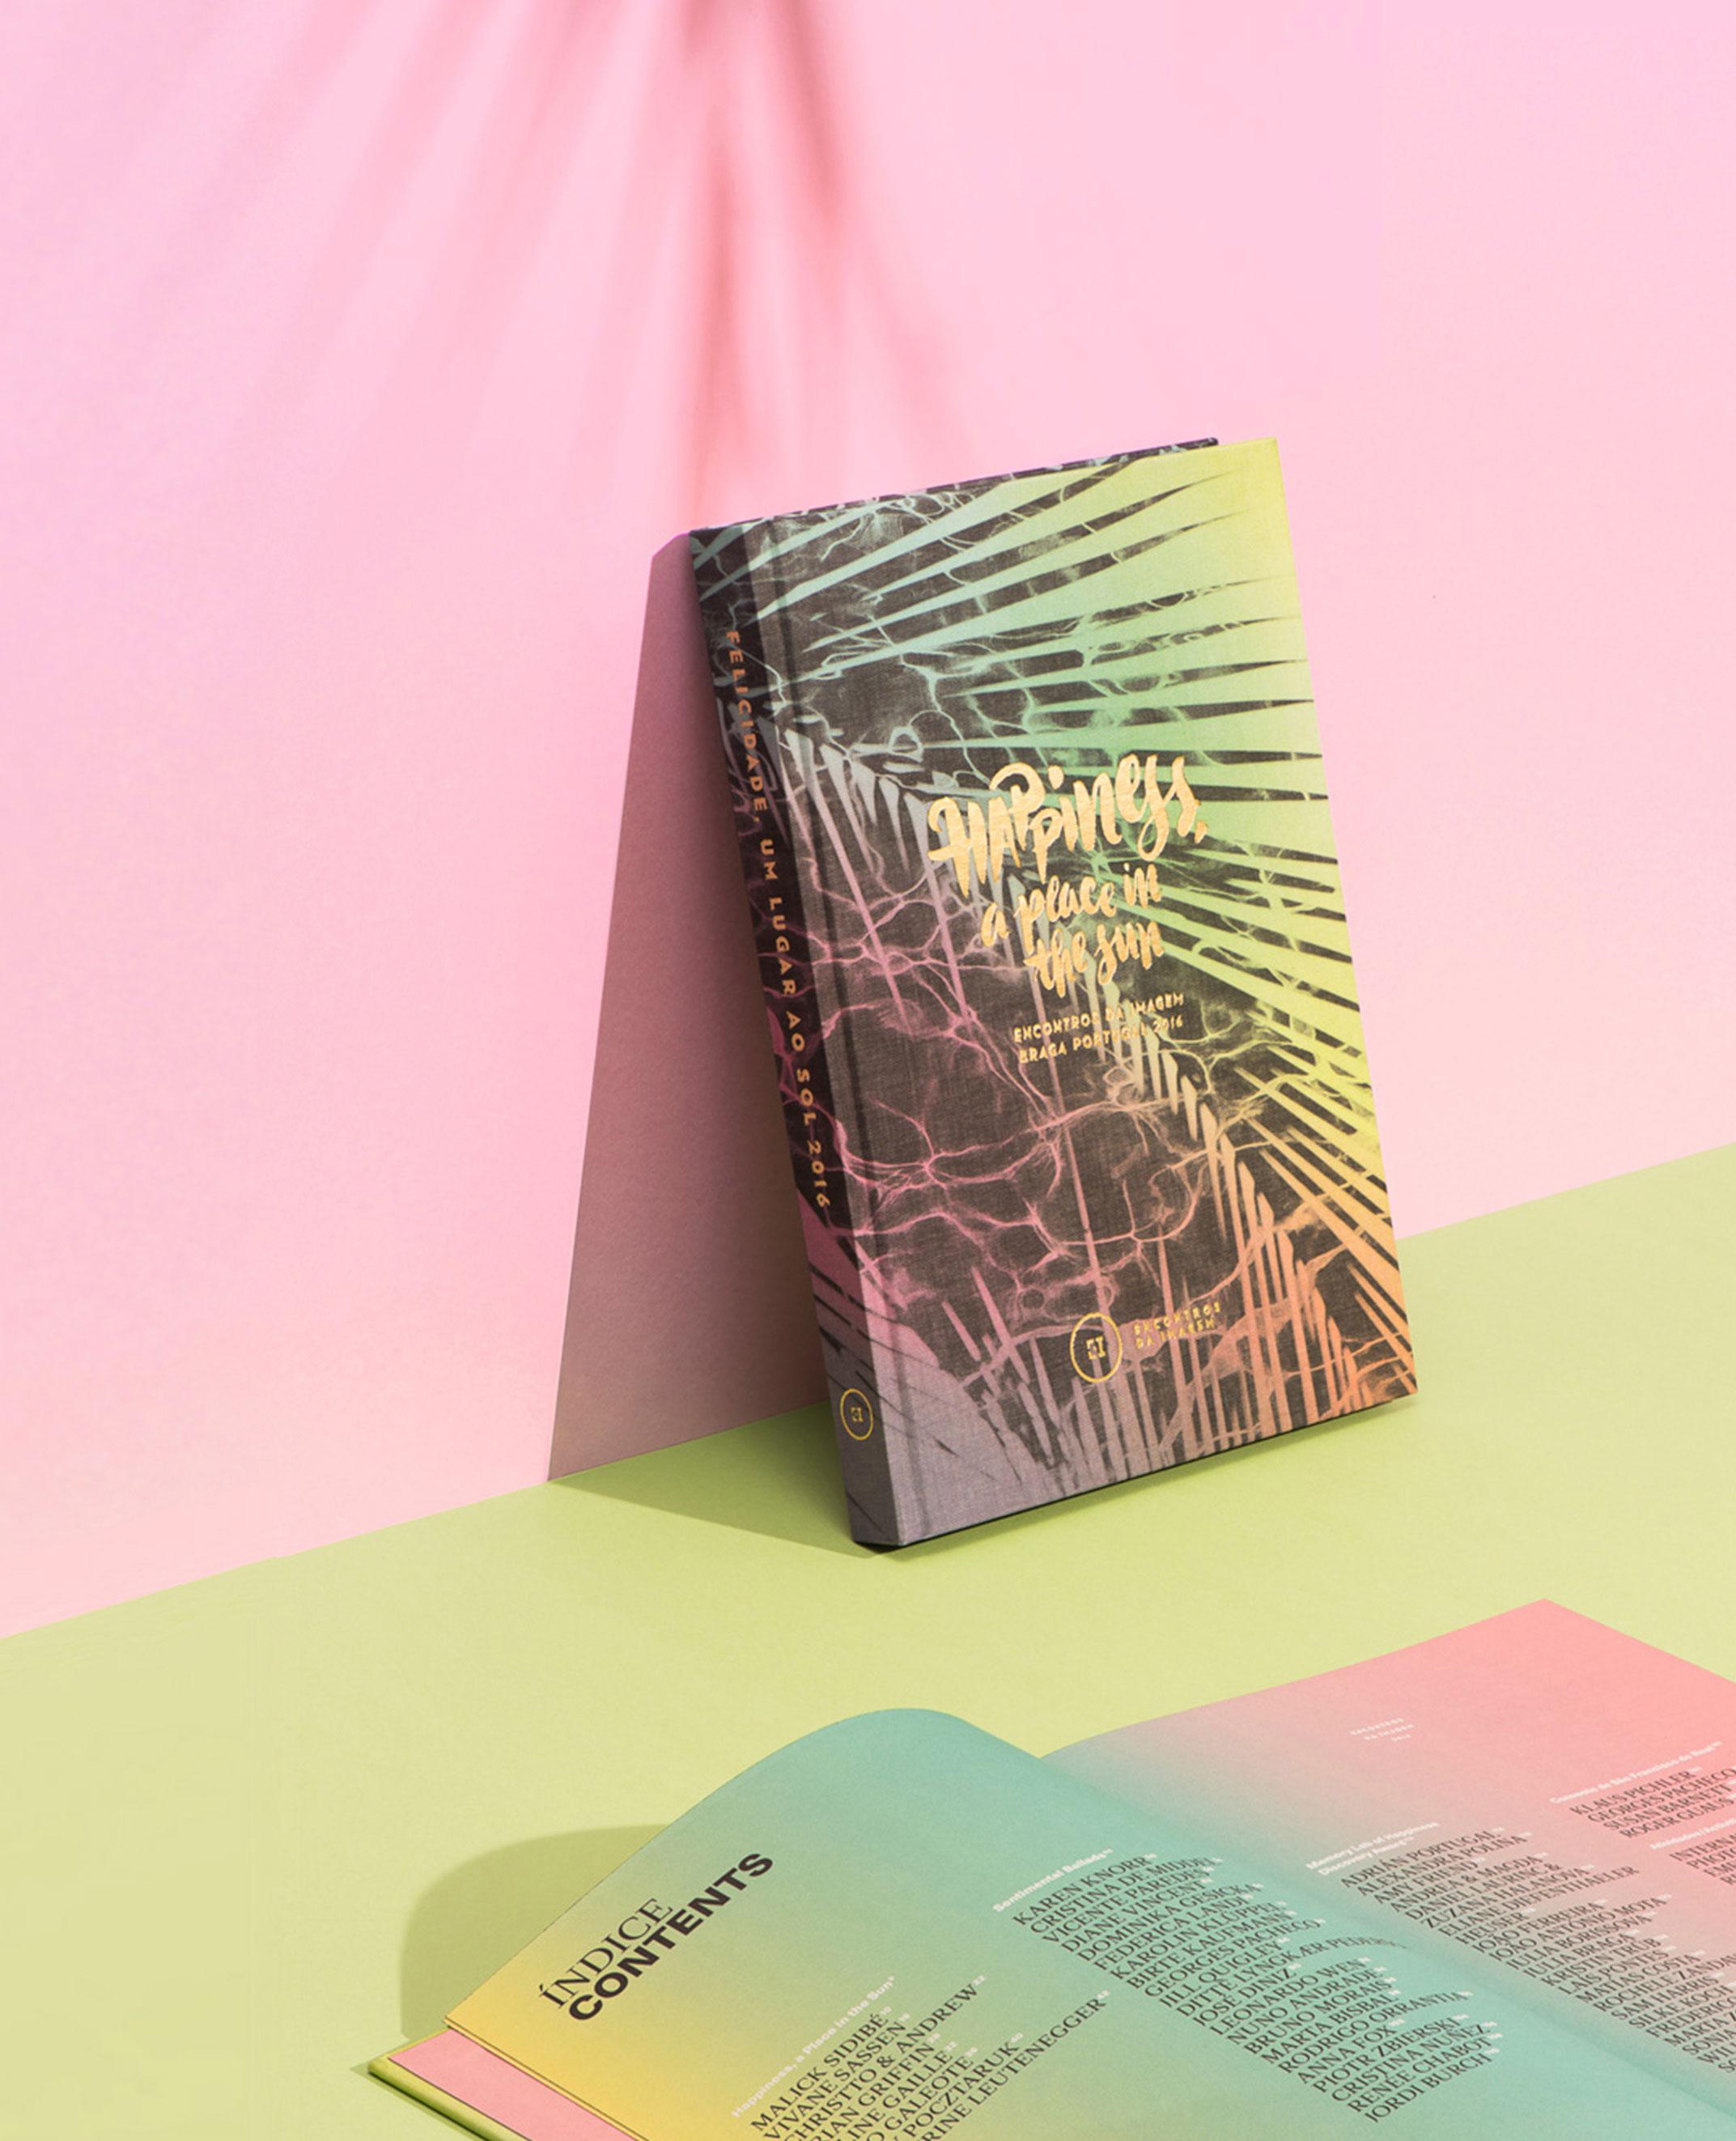 Encontros da Imagem 2016 — exhibition catalog by Gen Design Studio